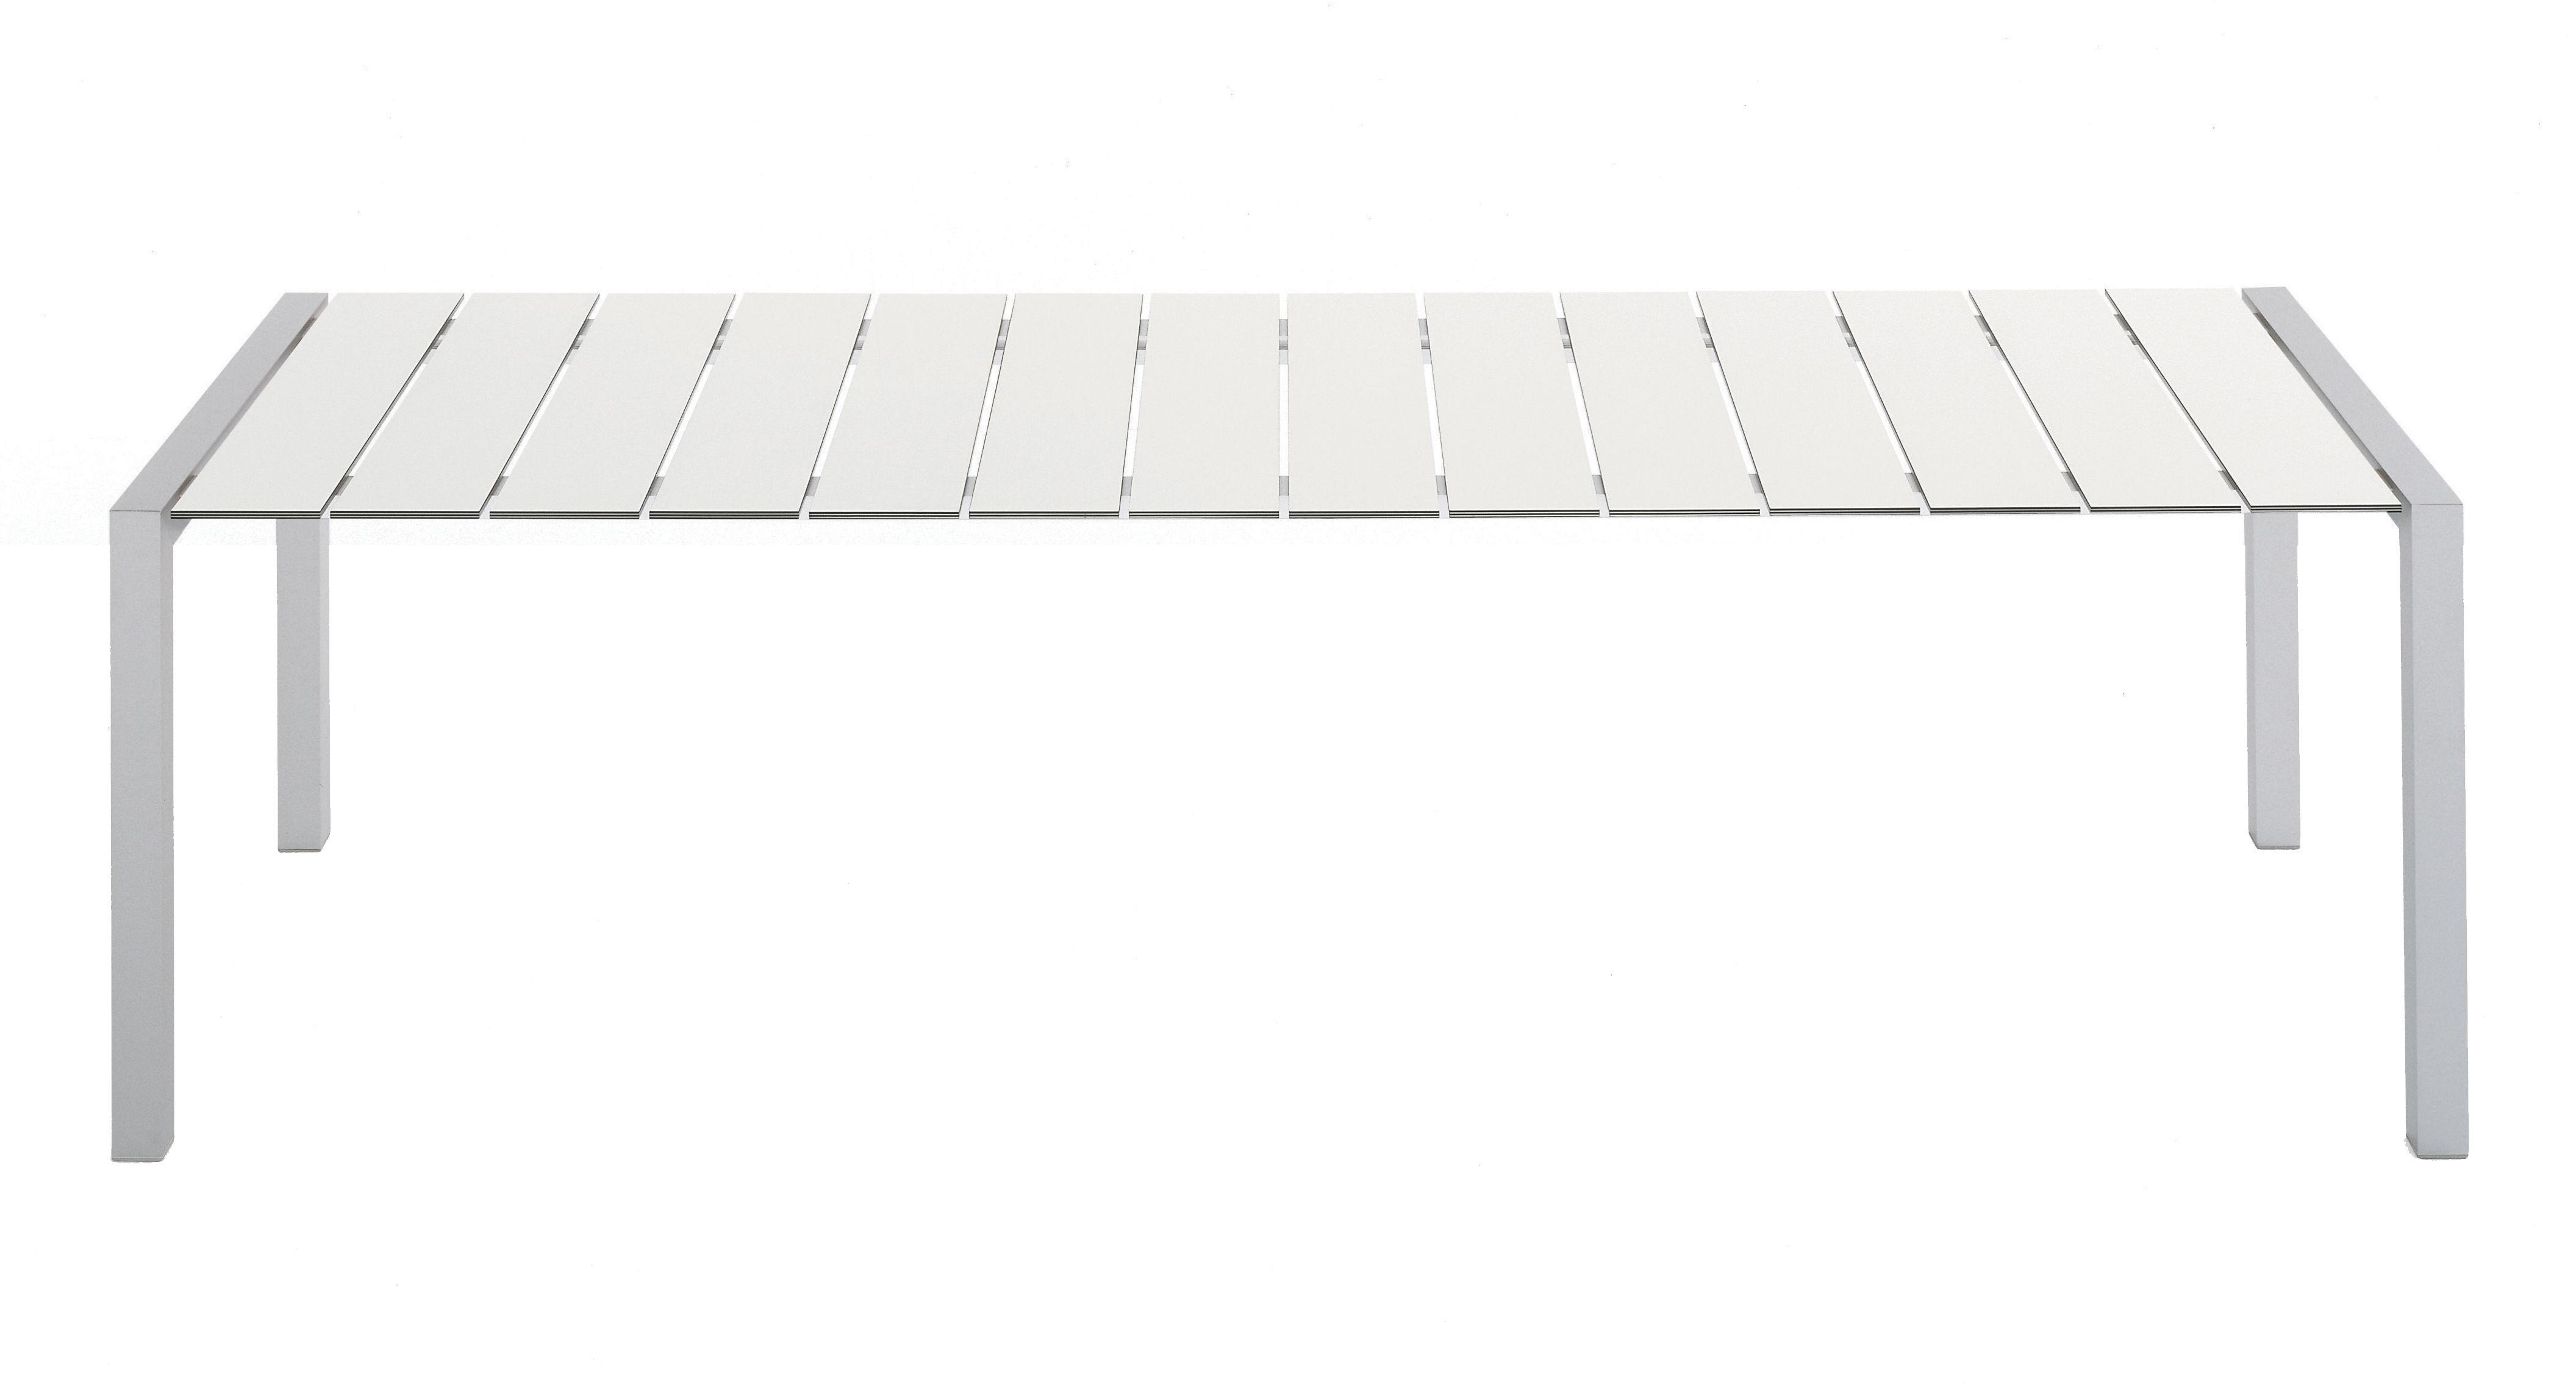 Outdoor - Tavoli  - tavolo da giardino Sushi Outdoor - L 180 cm di Kristalia - Laminato bianco - Alluminio anodizzato, Laminato stratificato